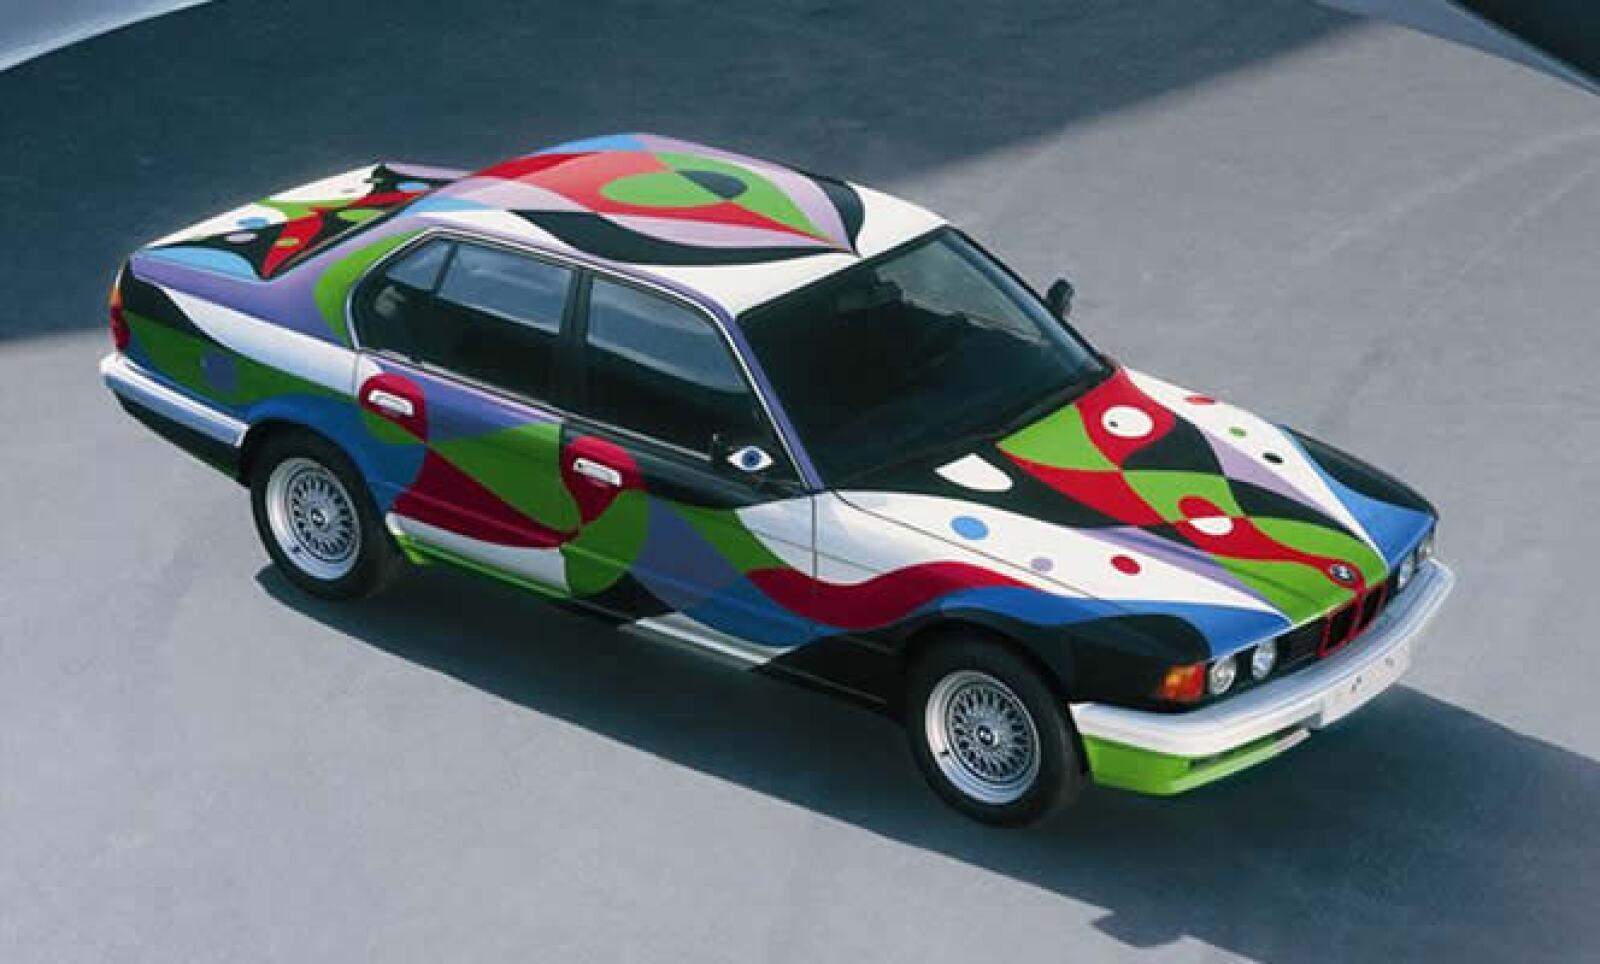 La historia comienza en 1975 cuando Hervé Poulain le encargando a Alexander Calder la 'pintura' de su BMW 3.0 CLS, con el que competiría en las míticas 24 Horas de Le Mans.